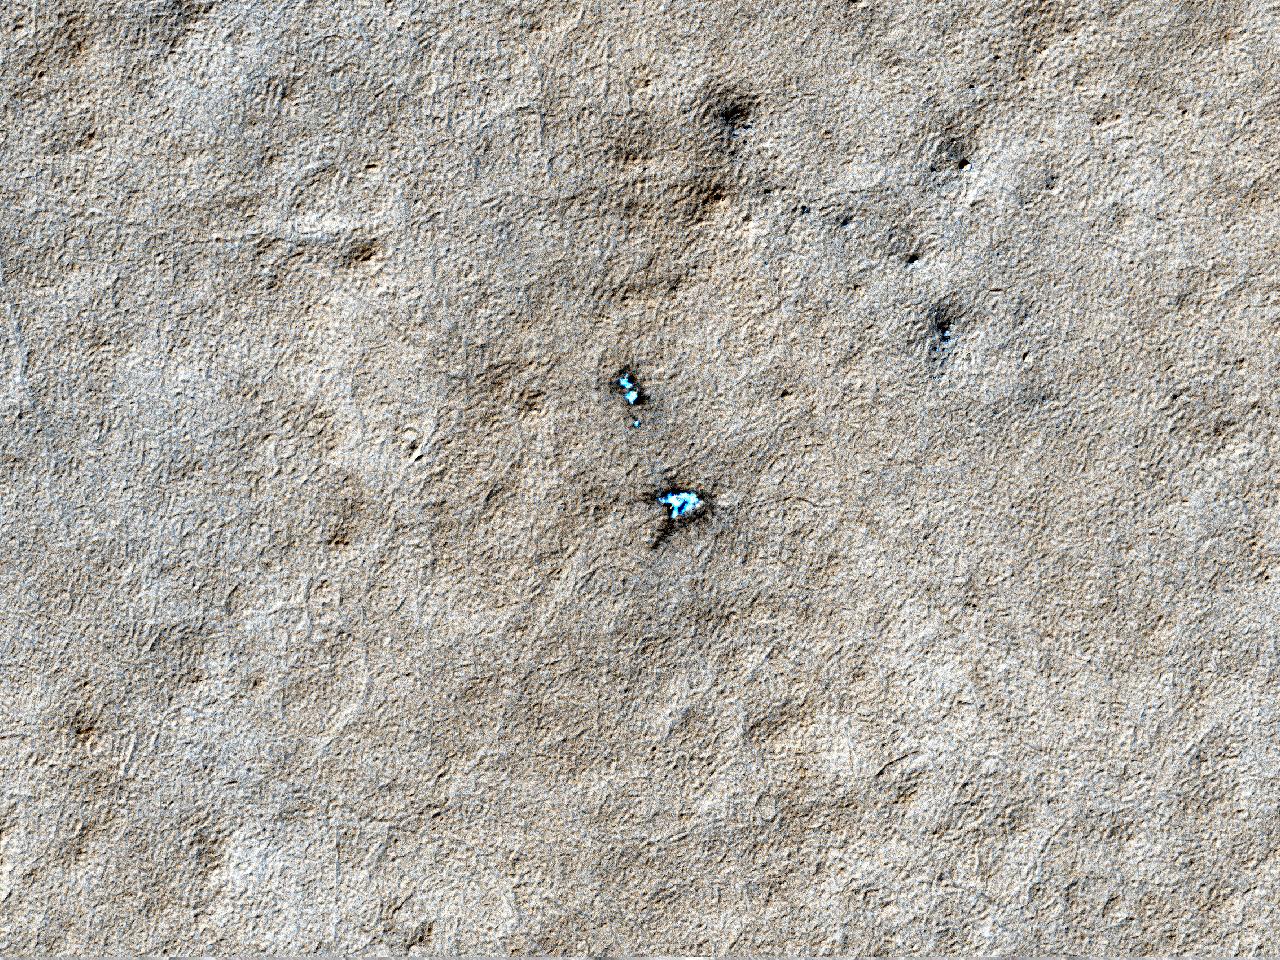 Observasjon av sesongbetont tining av et iskrater